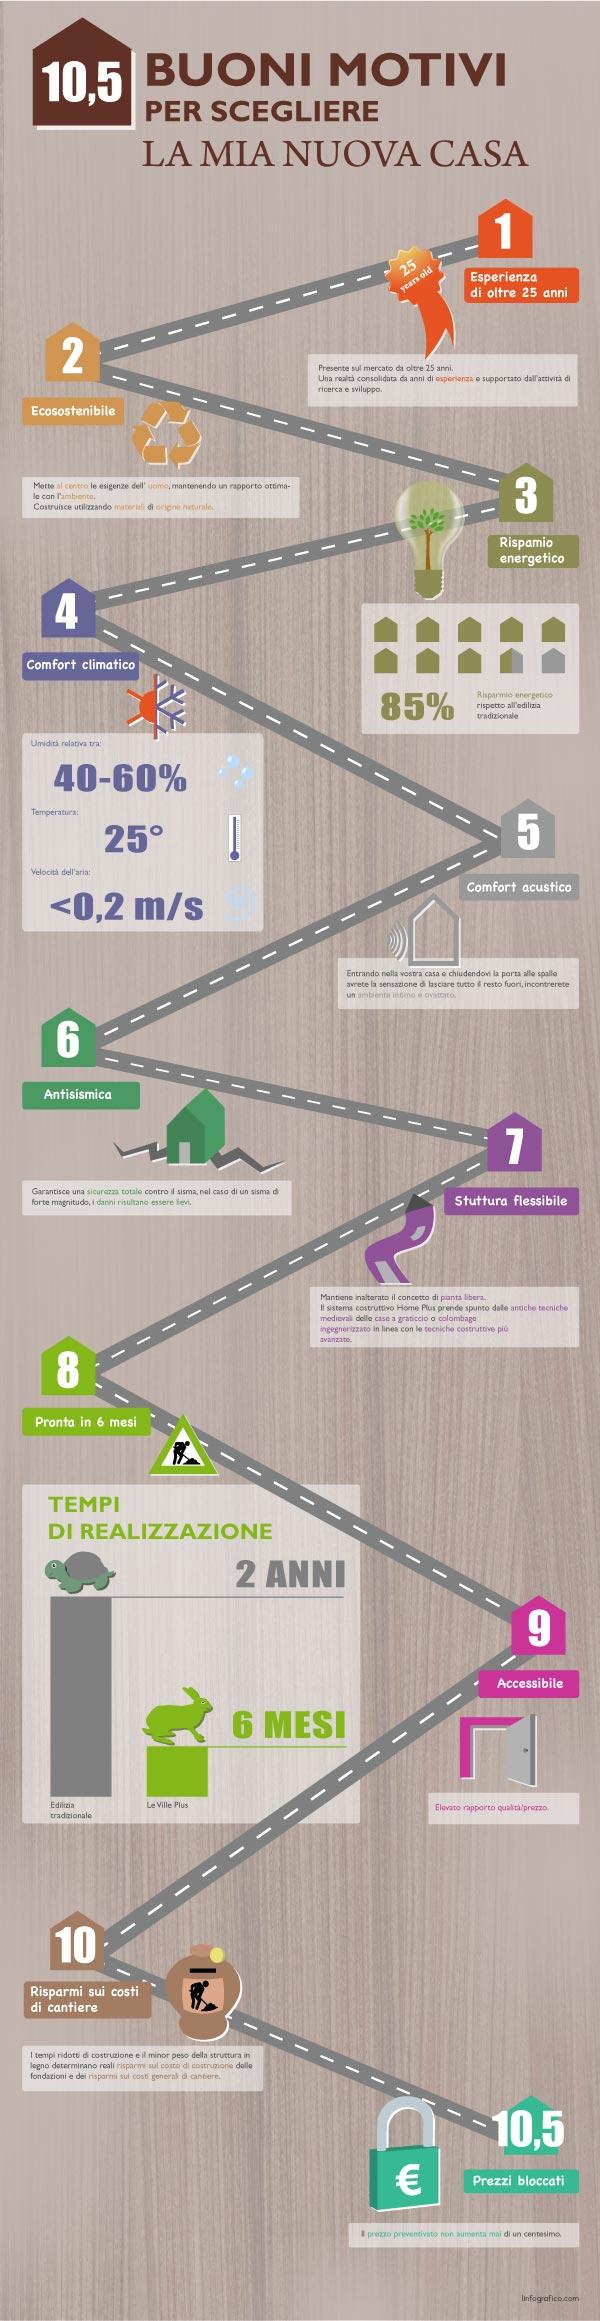 Infografica: 10,5 buoni motivi per comprare la mia nuova casa